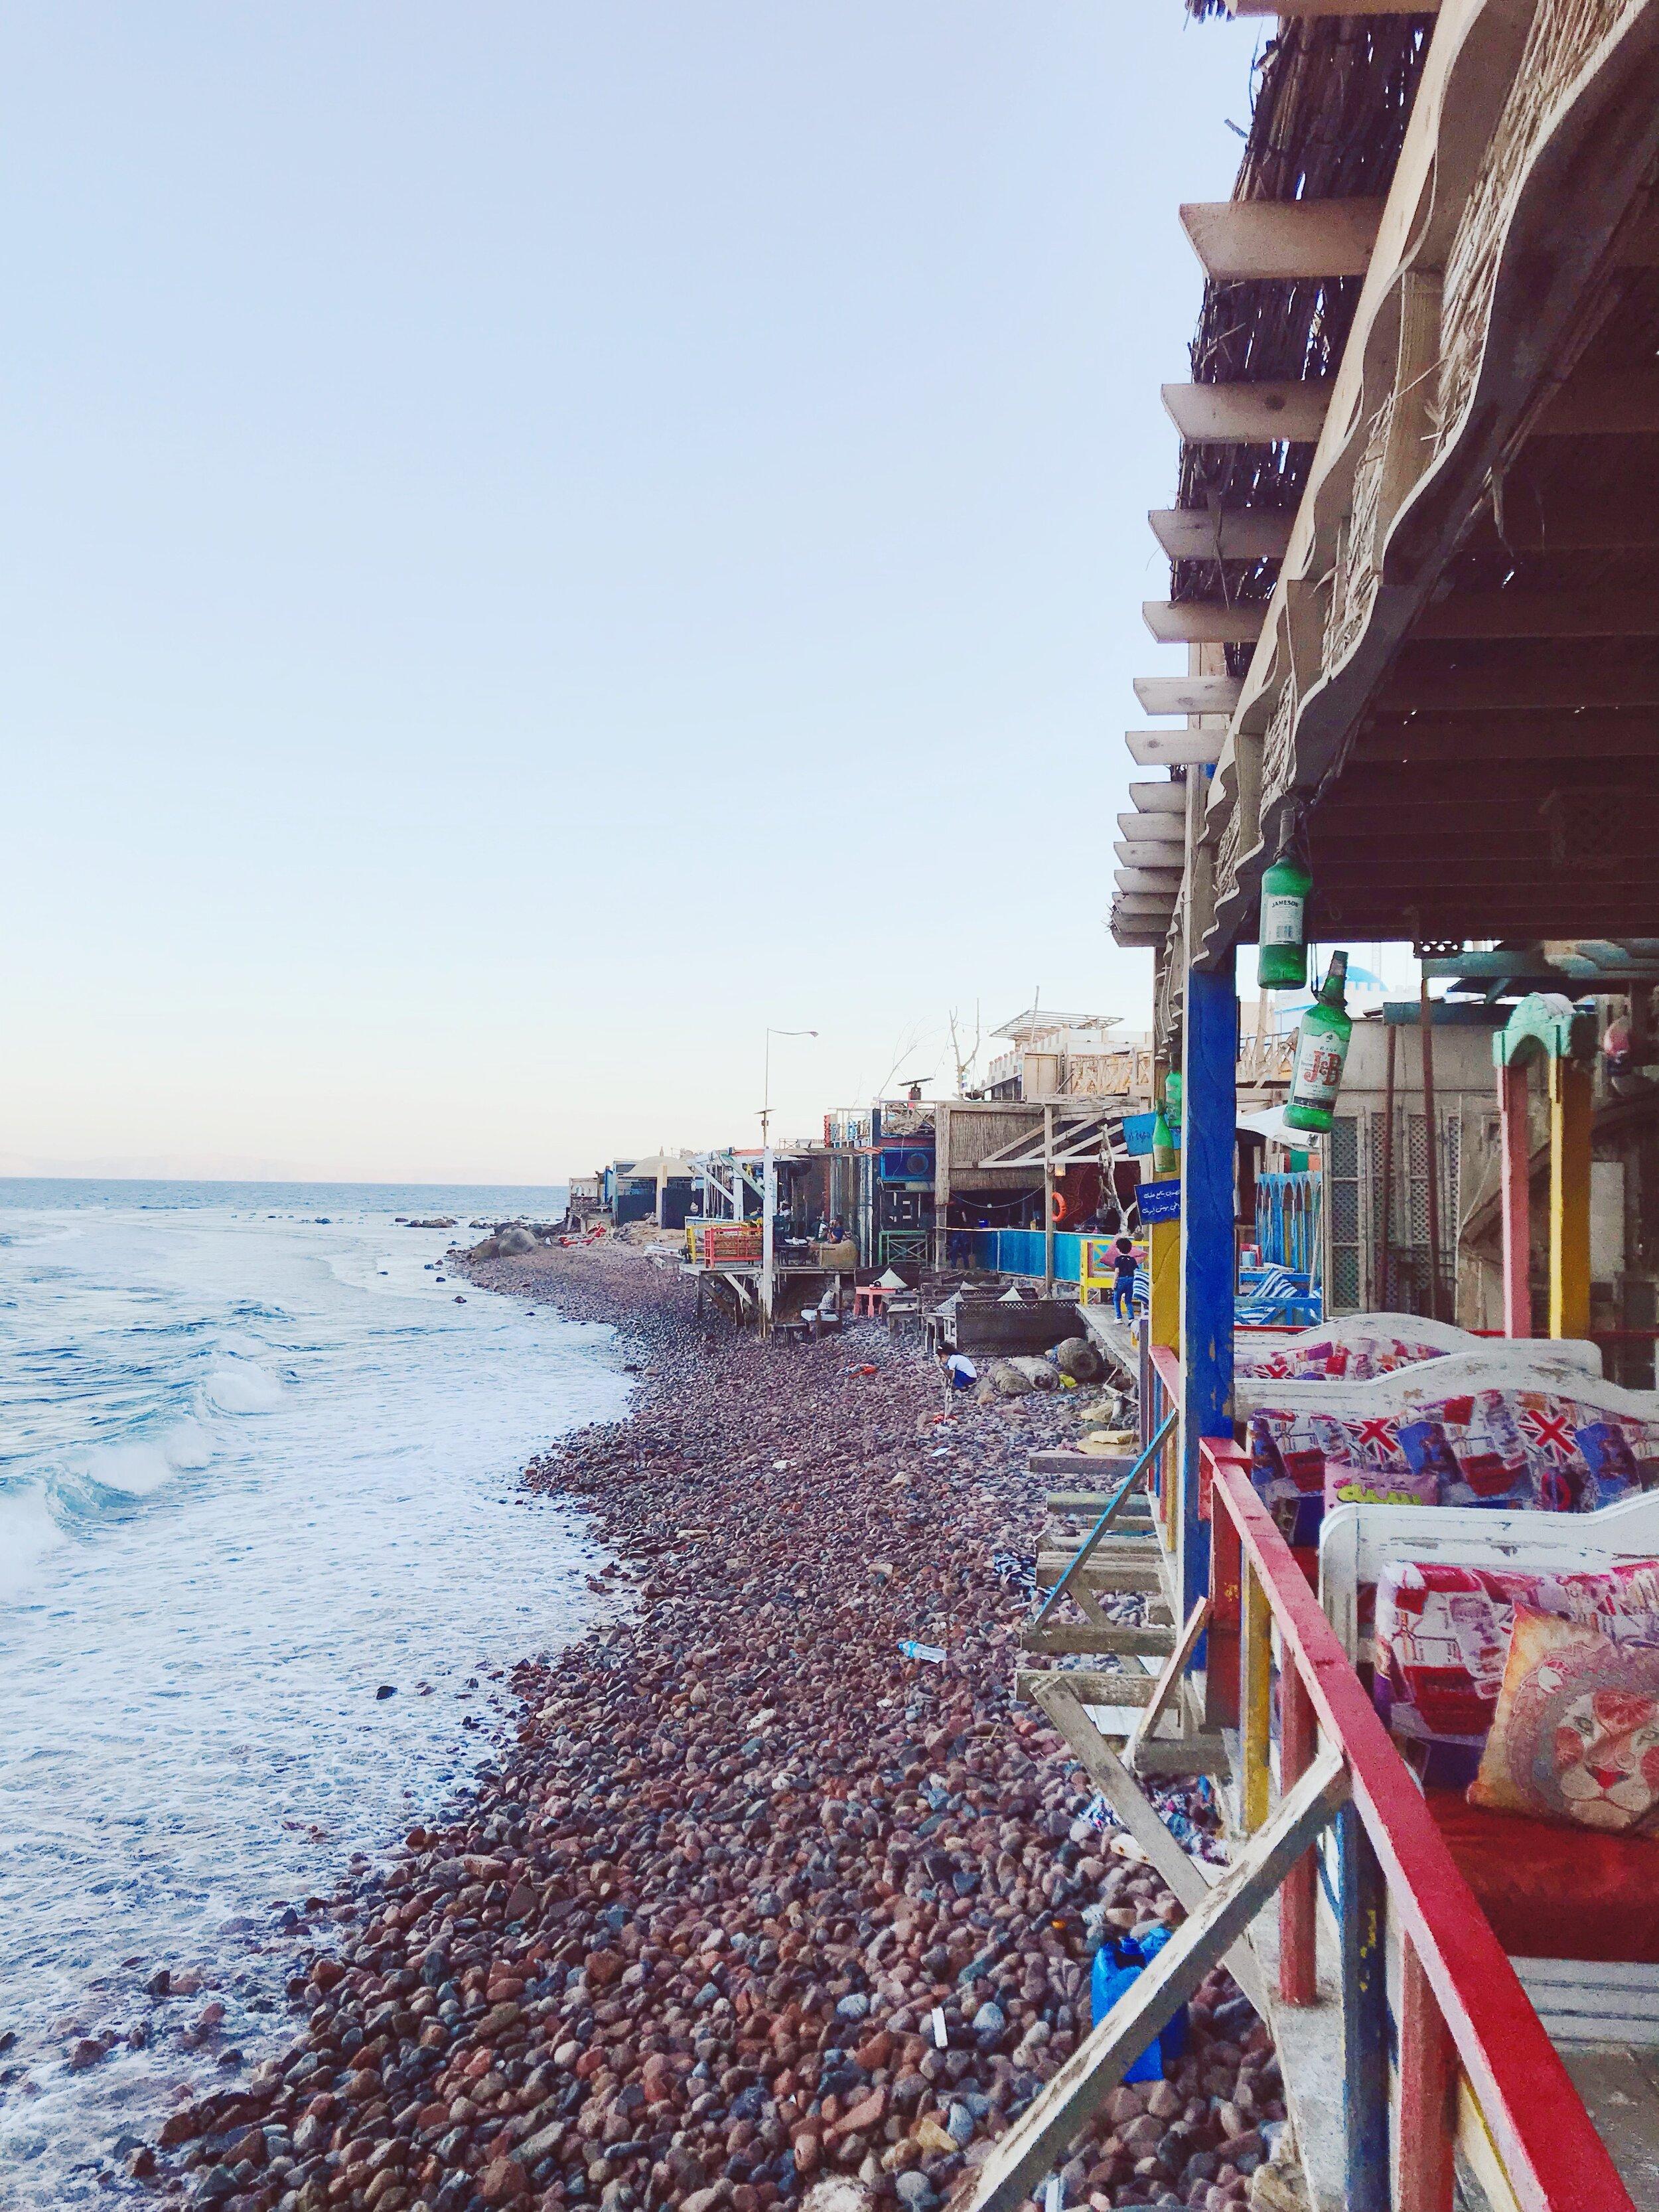 dahab-cafe-egypt-family-travel-blogger-negra-bohemian